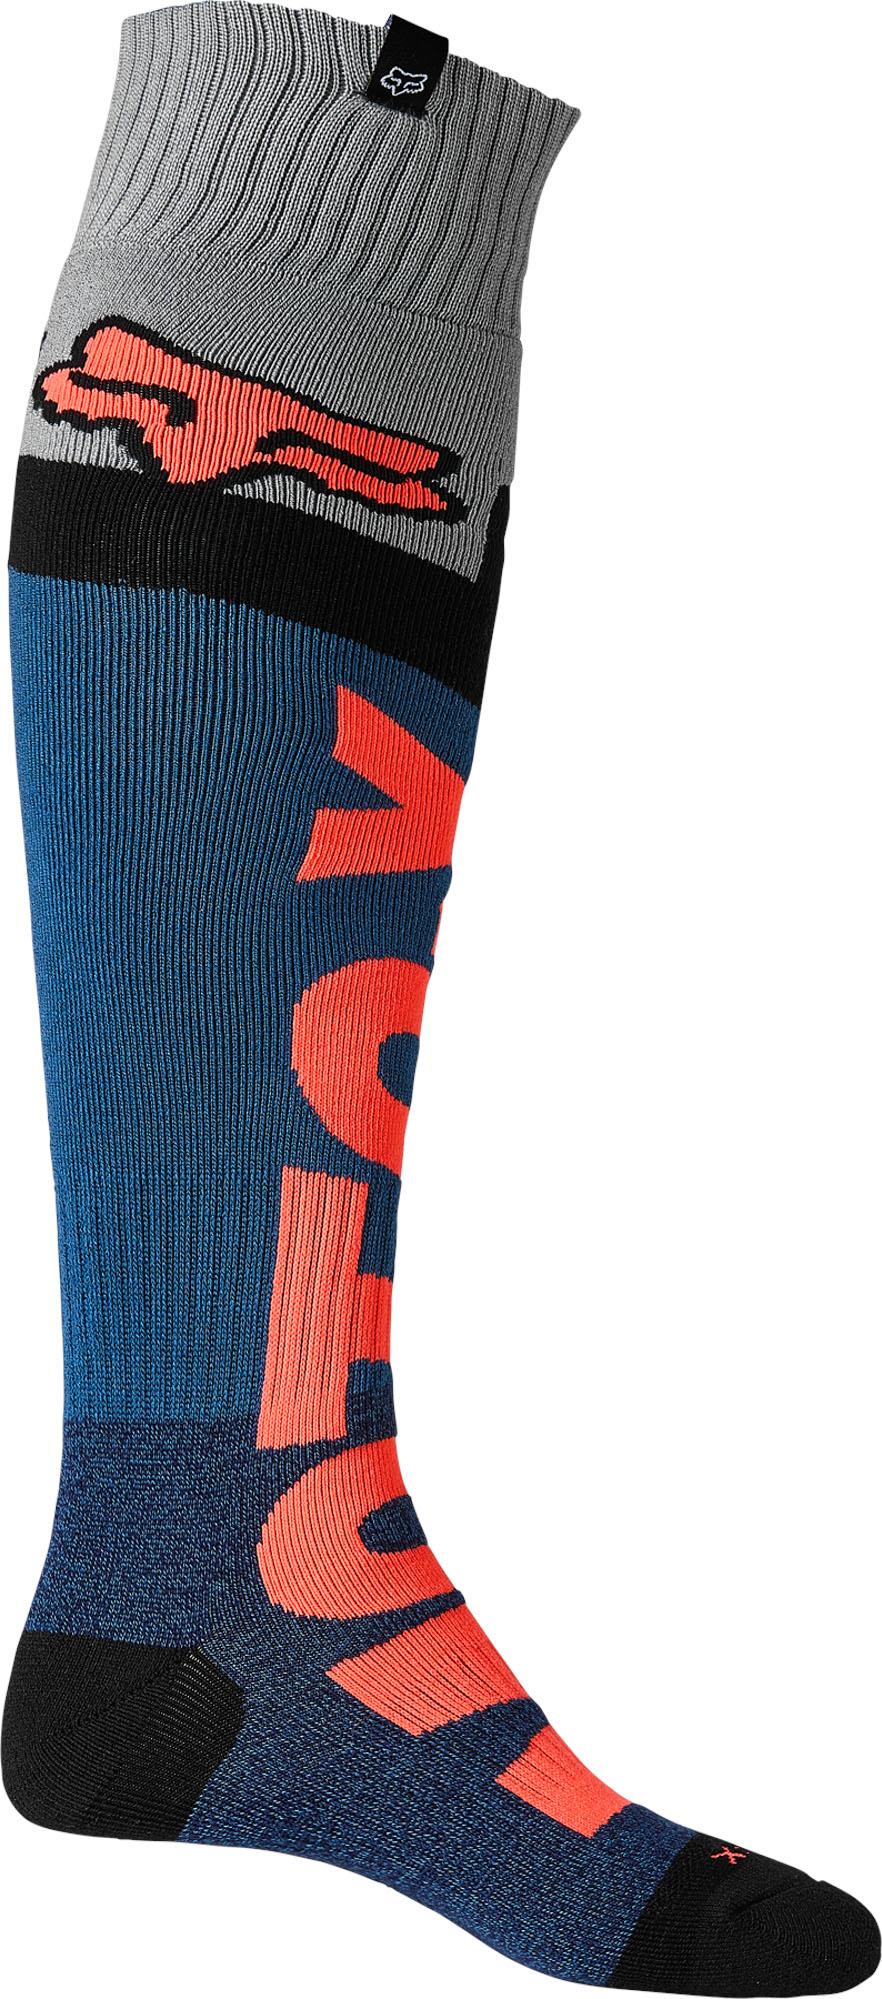 FOX Trice Coolmax Thick Sock - DARK INDIGO MX22